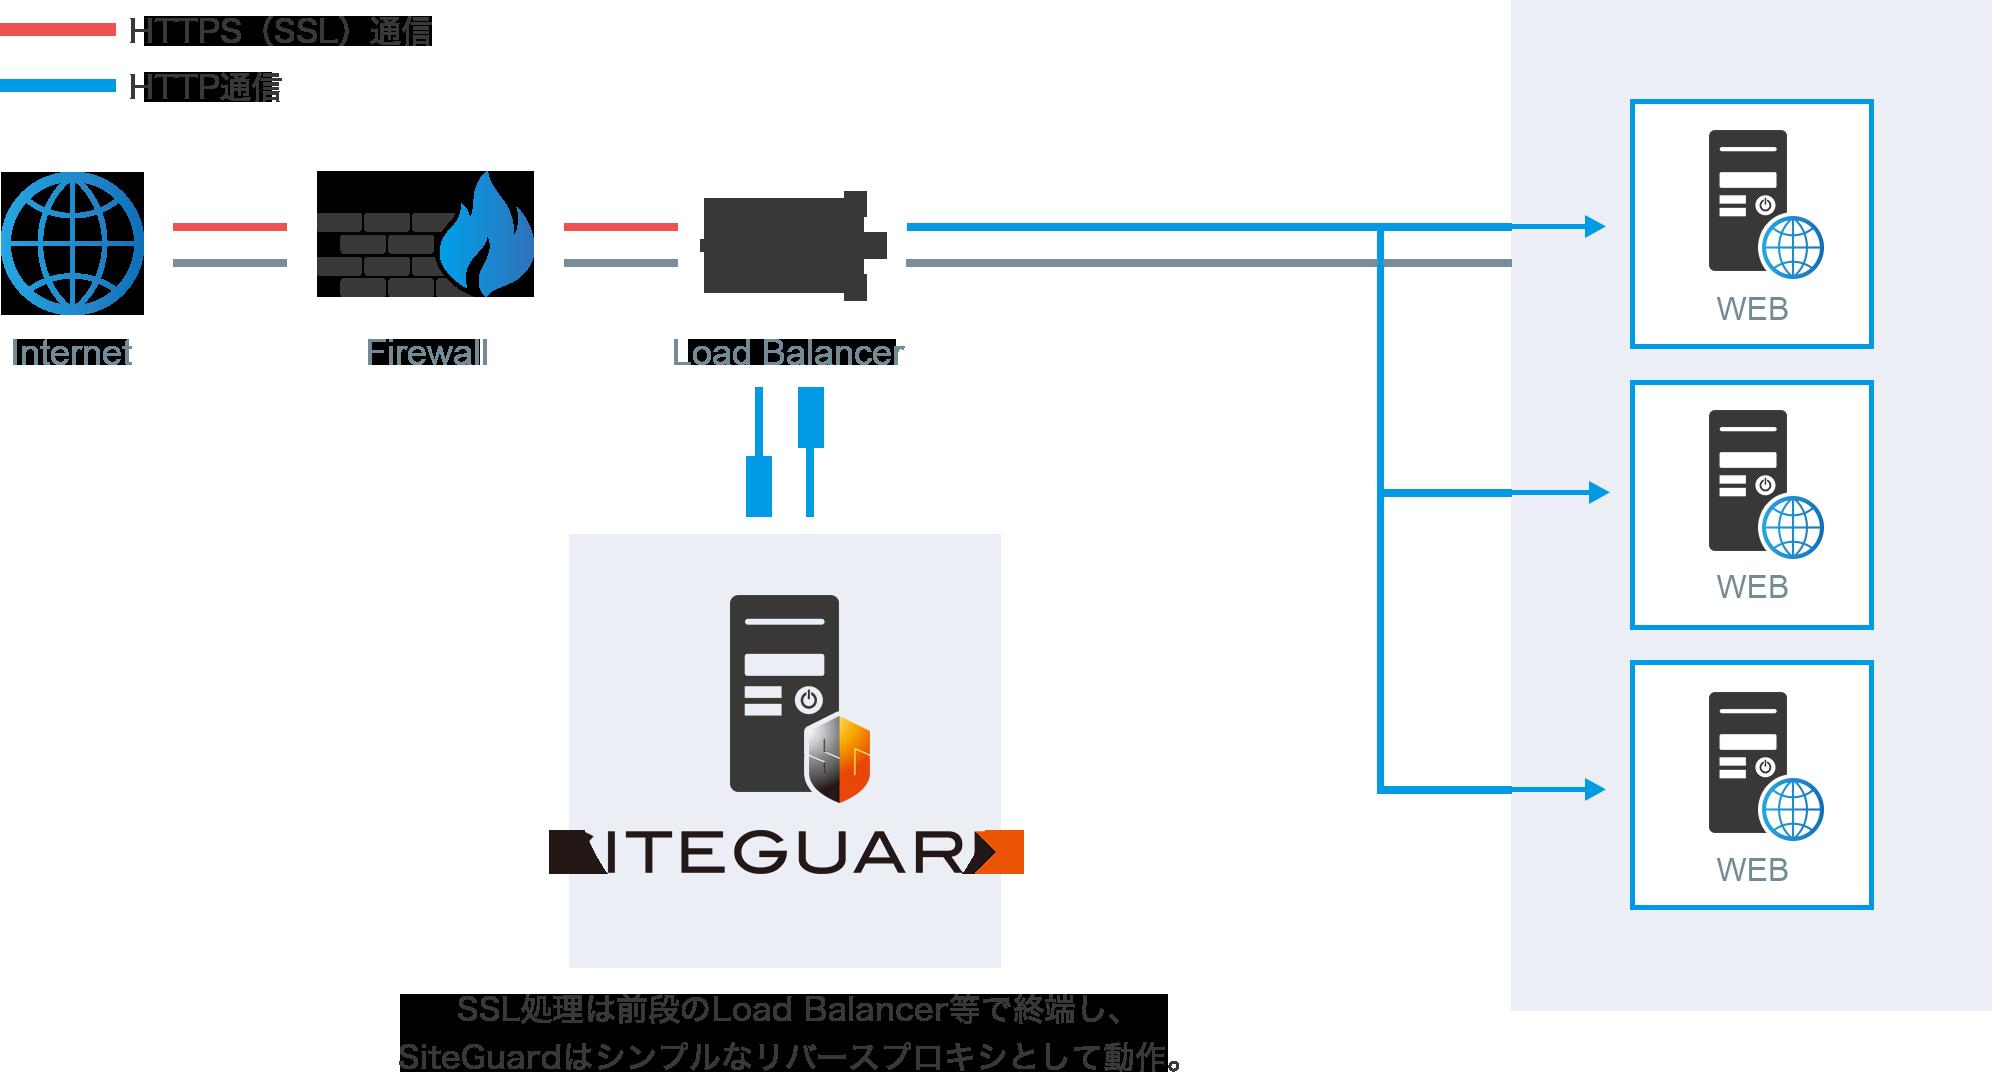 SiteGuardの設定構成